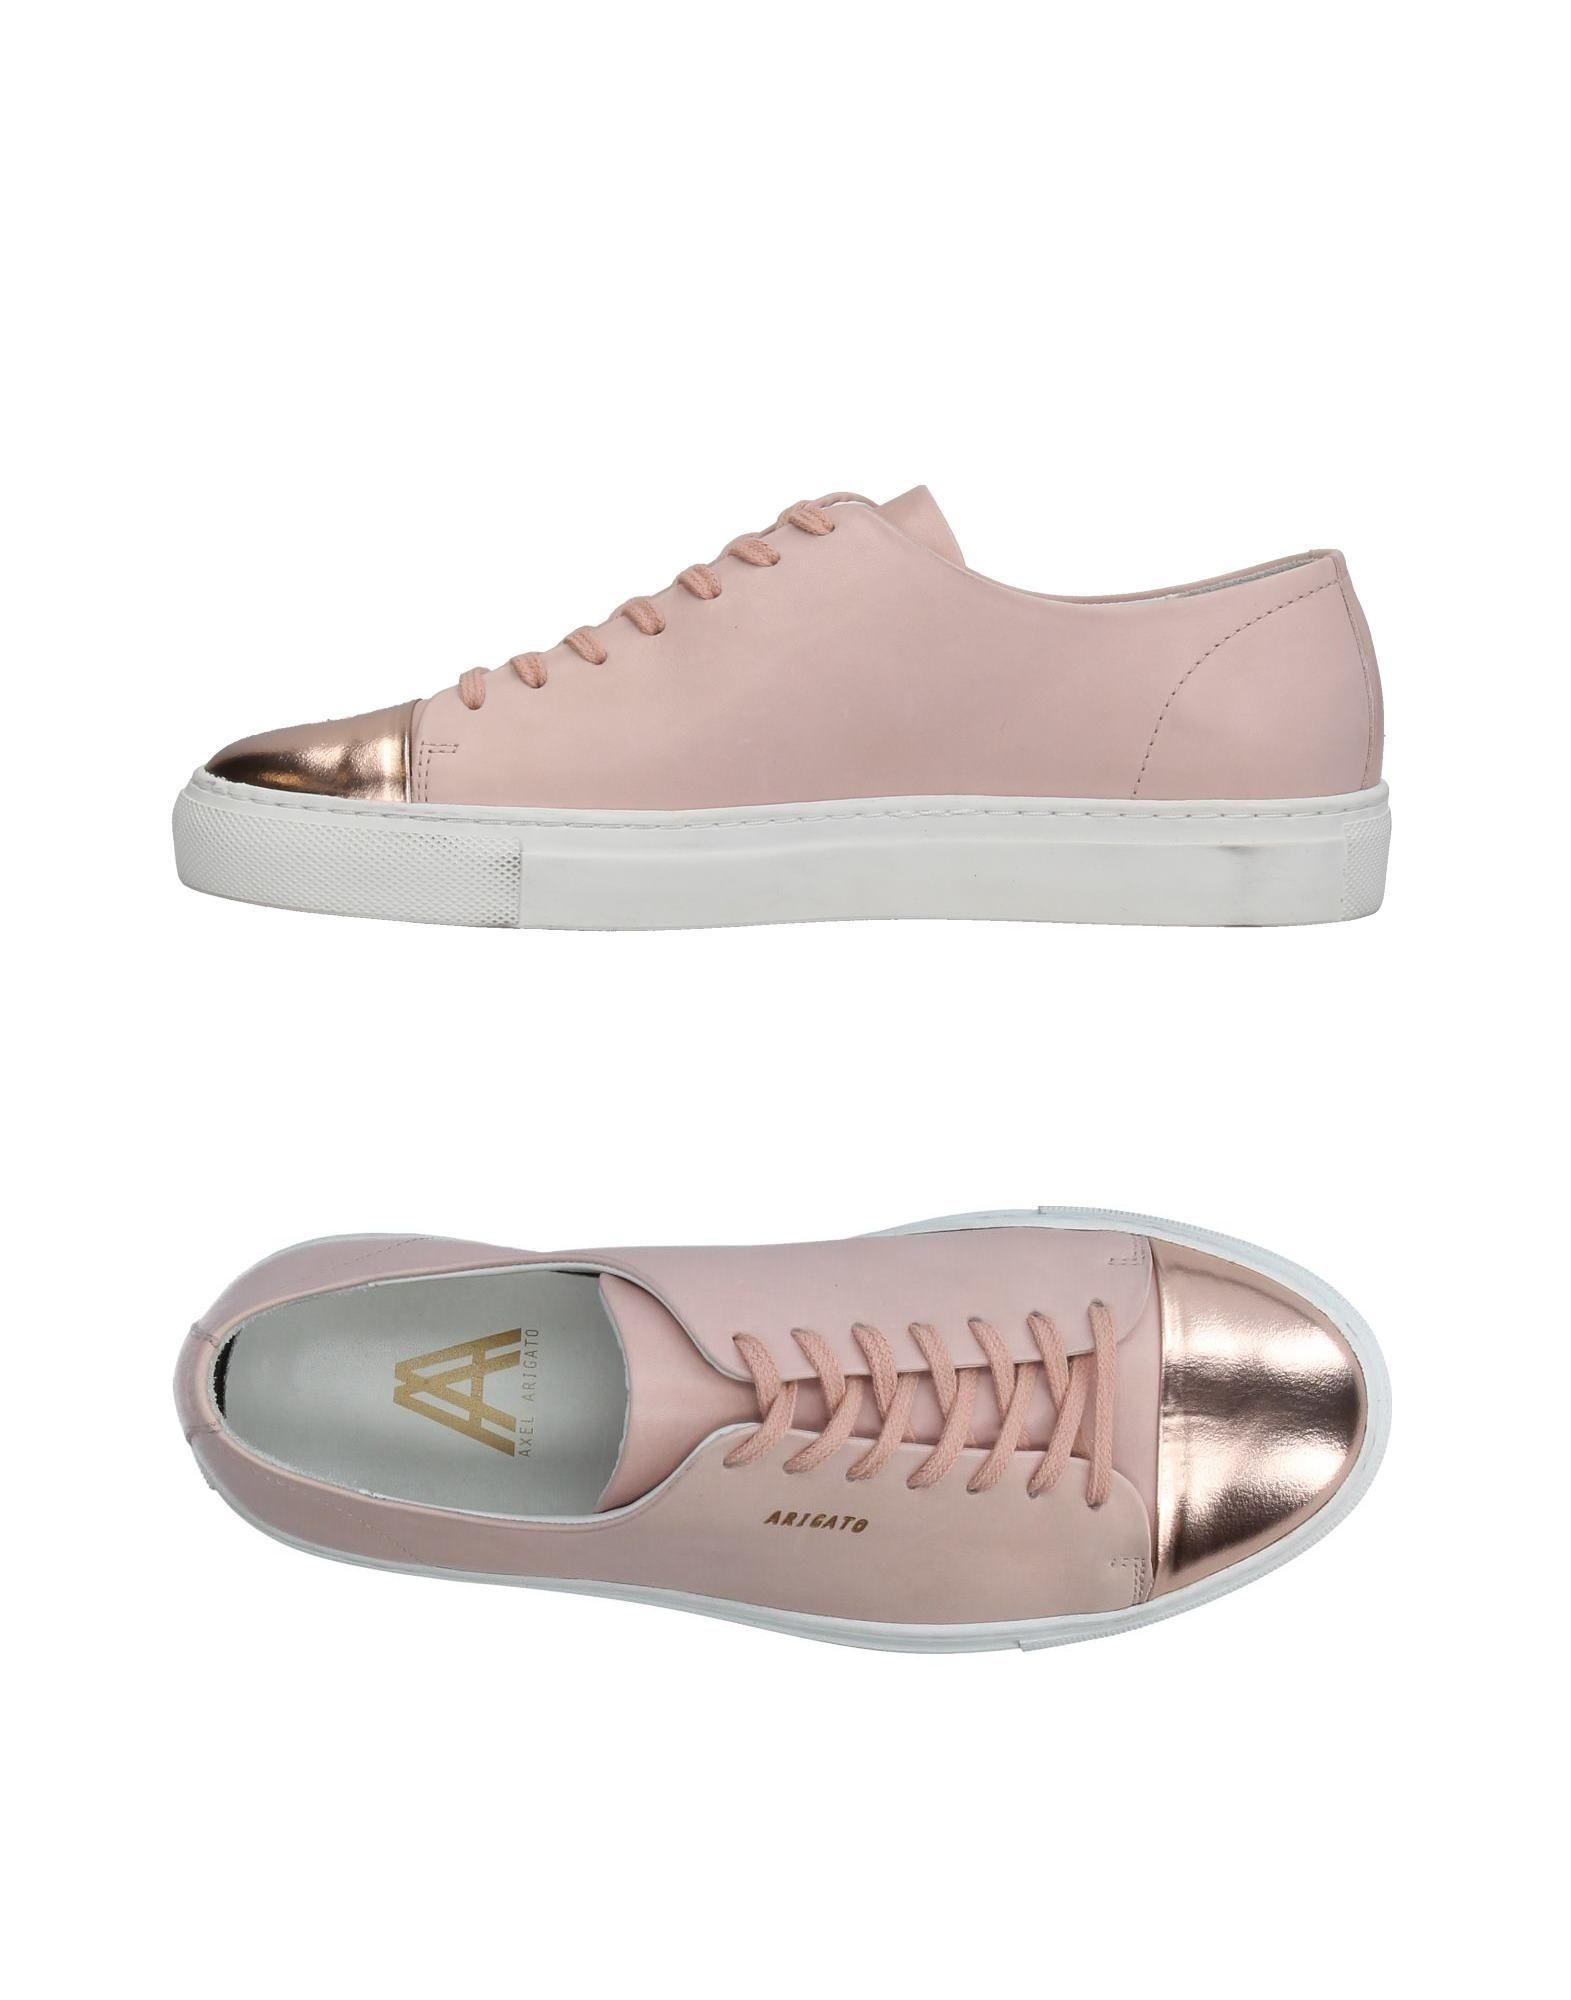 Axel Arigato Sneakers Damen 11254442VG  11254442VG Damen Gute Qualität beliebte Schuhe f7124b